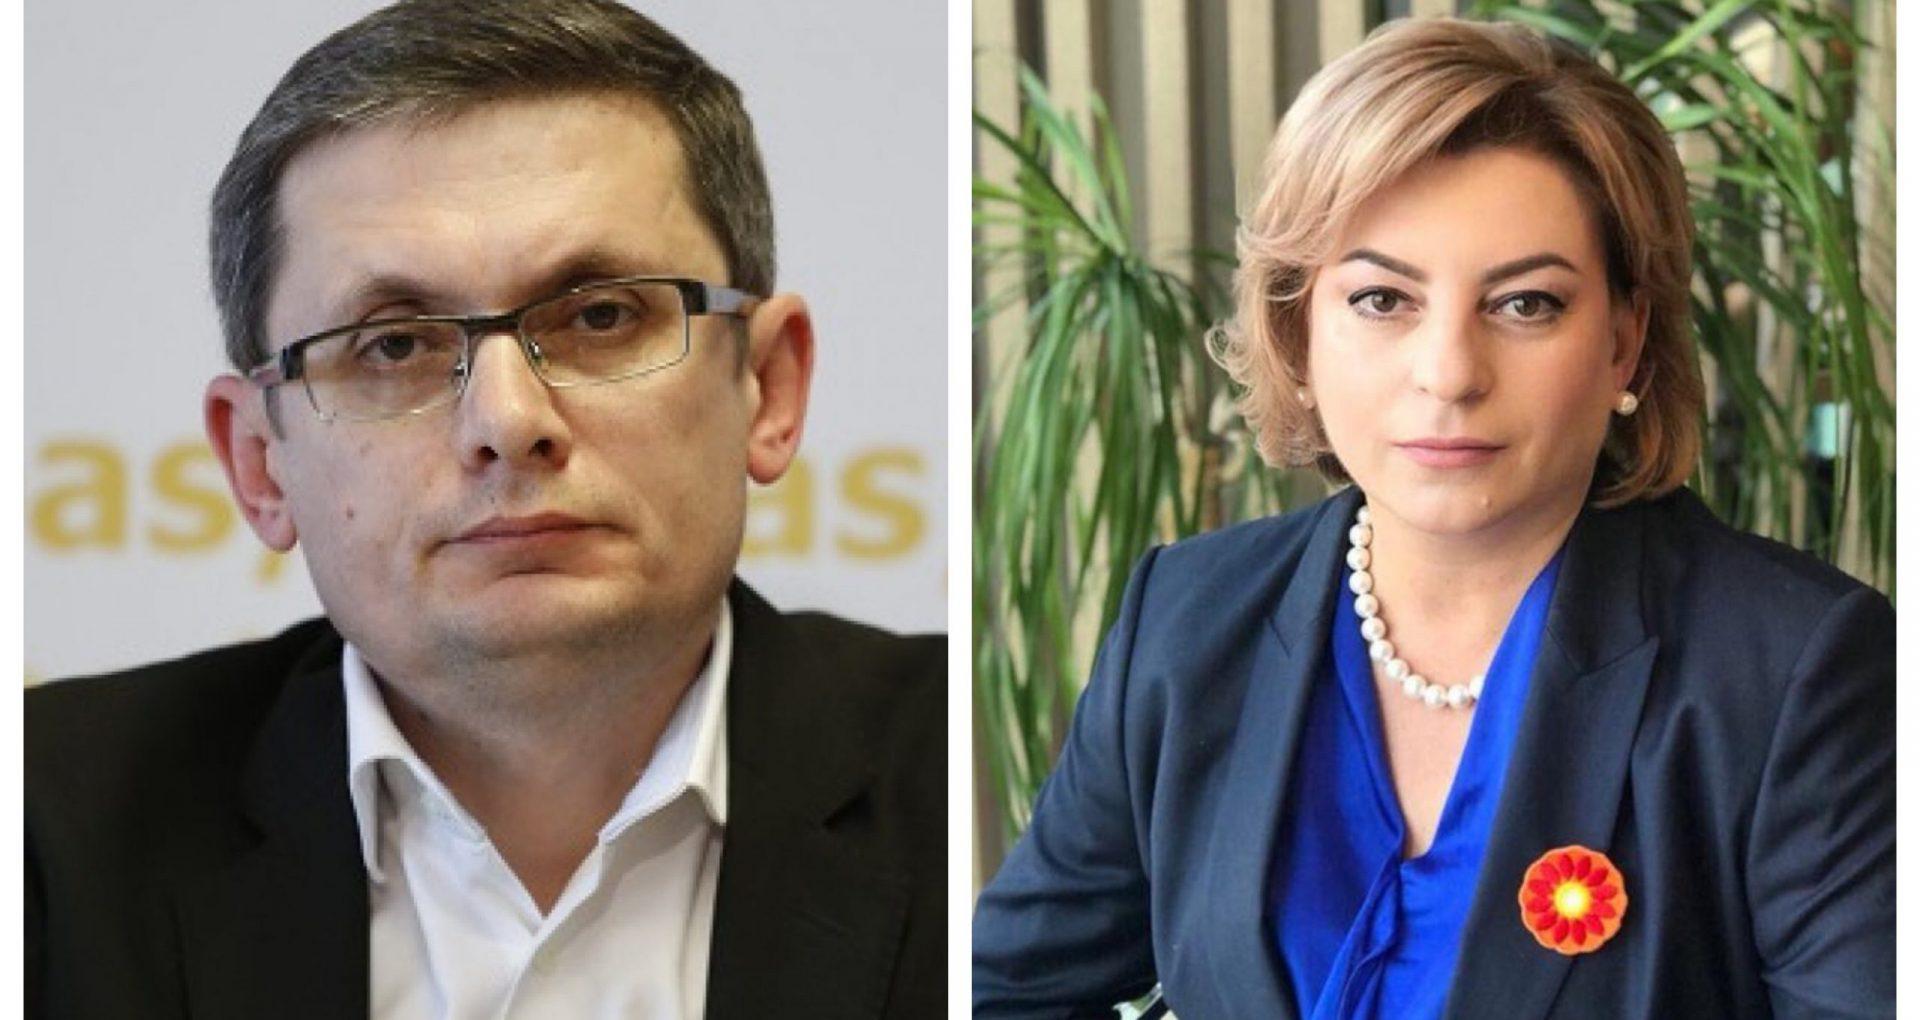 Într-un mesaj cu mai multe greșeli gramaticale, Mariana Durleșteanu îl anunță pe liderul interimar al PAS că îl va acționa în judecată